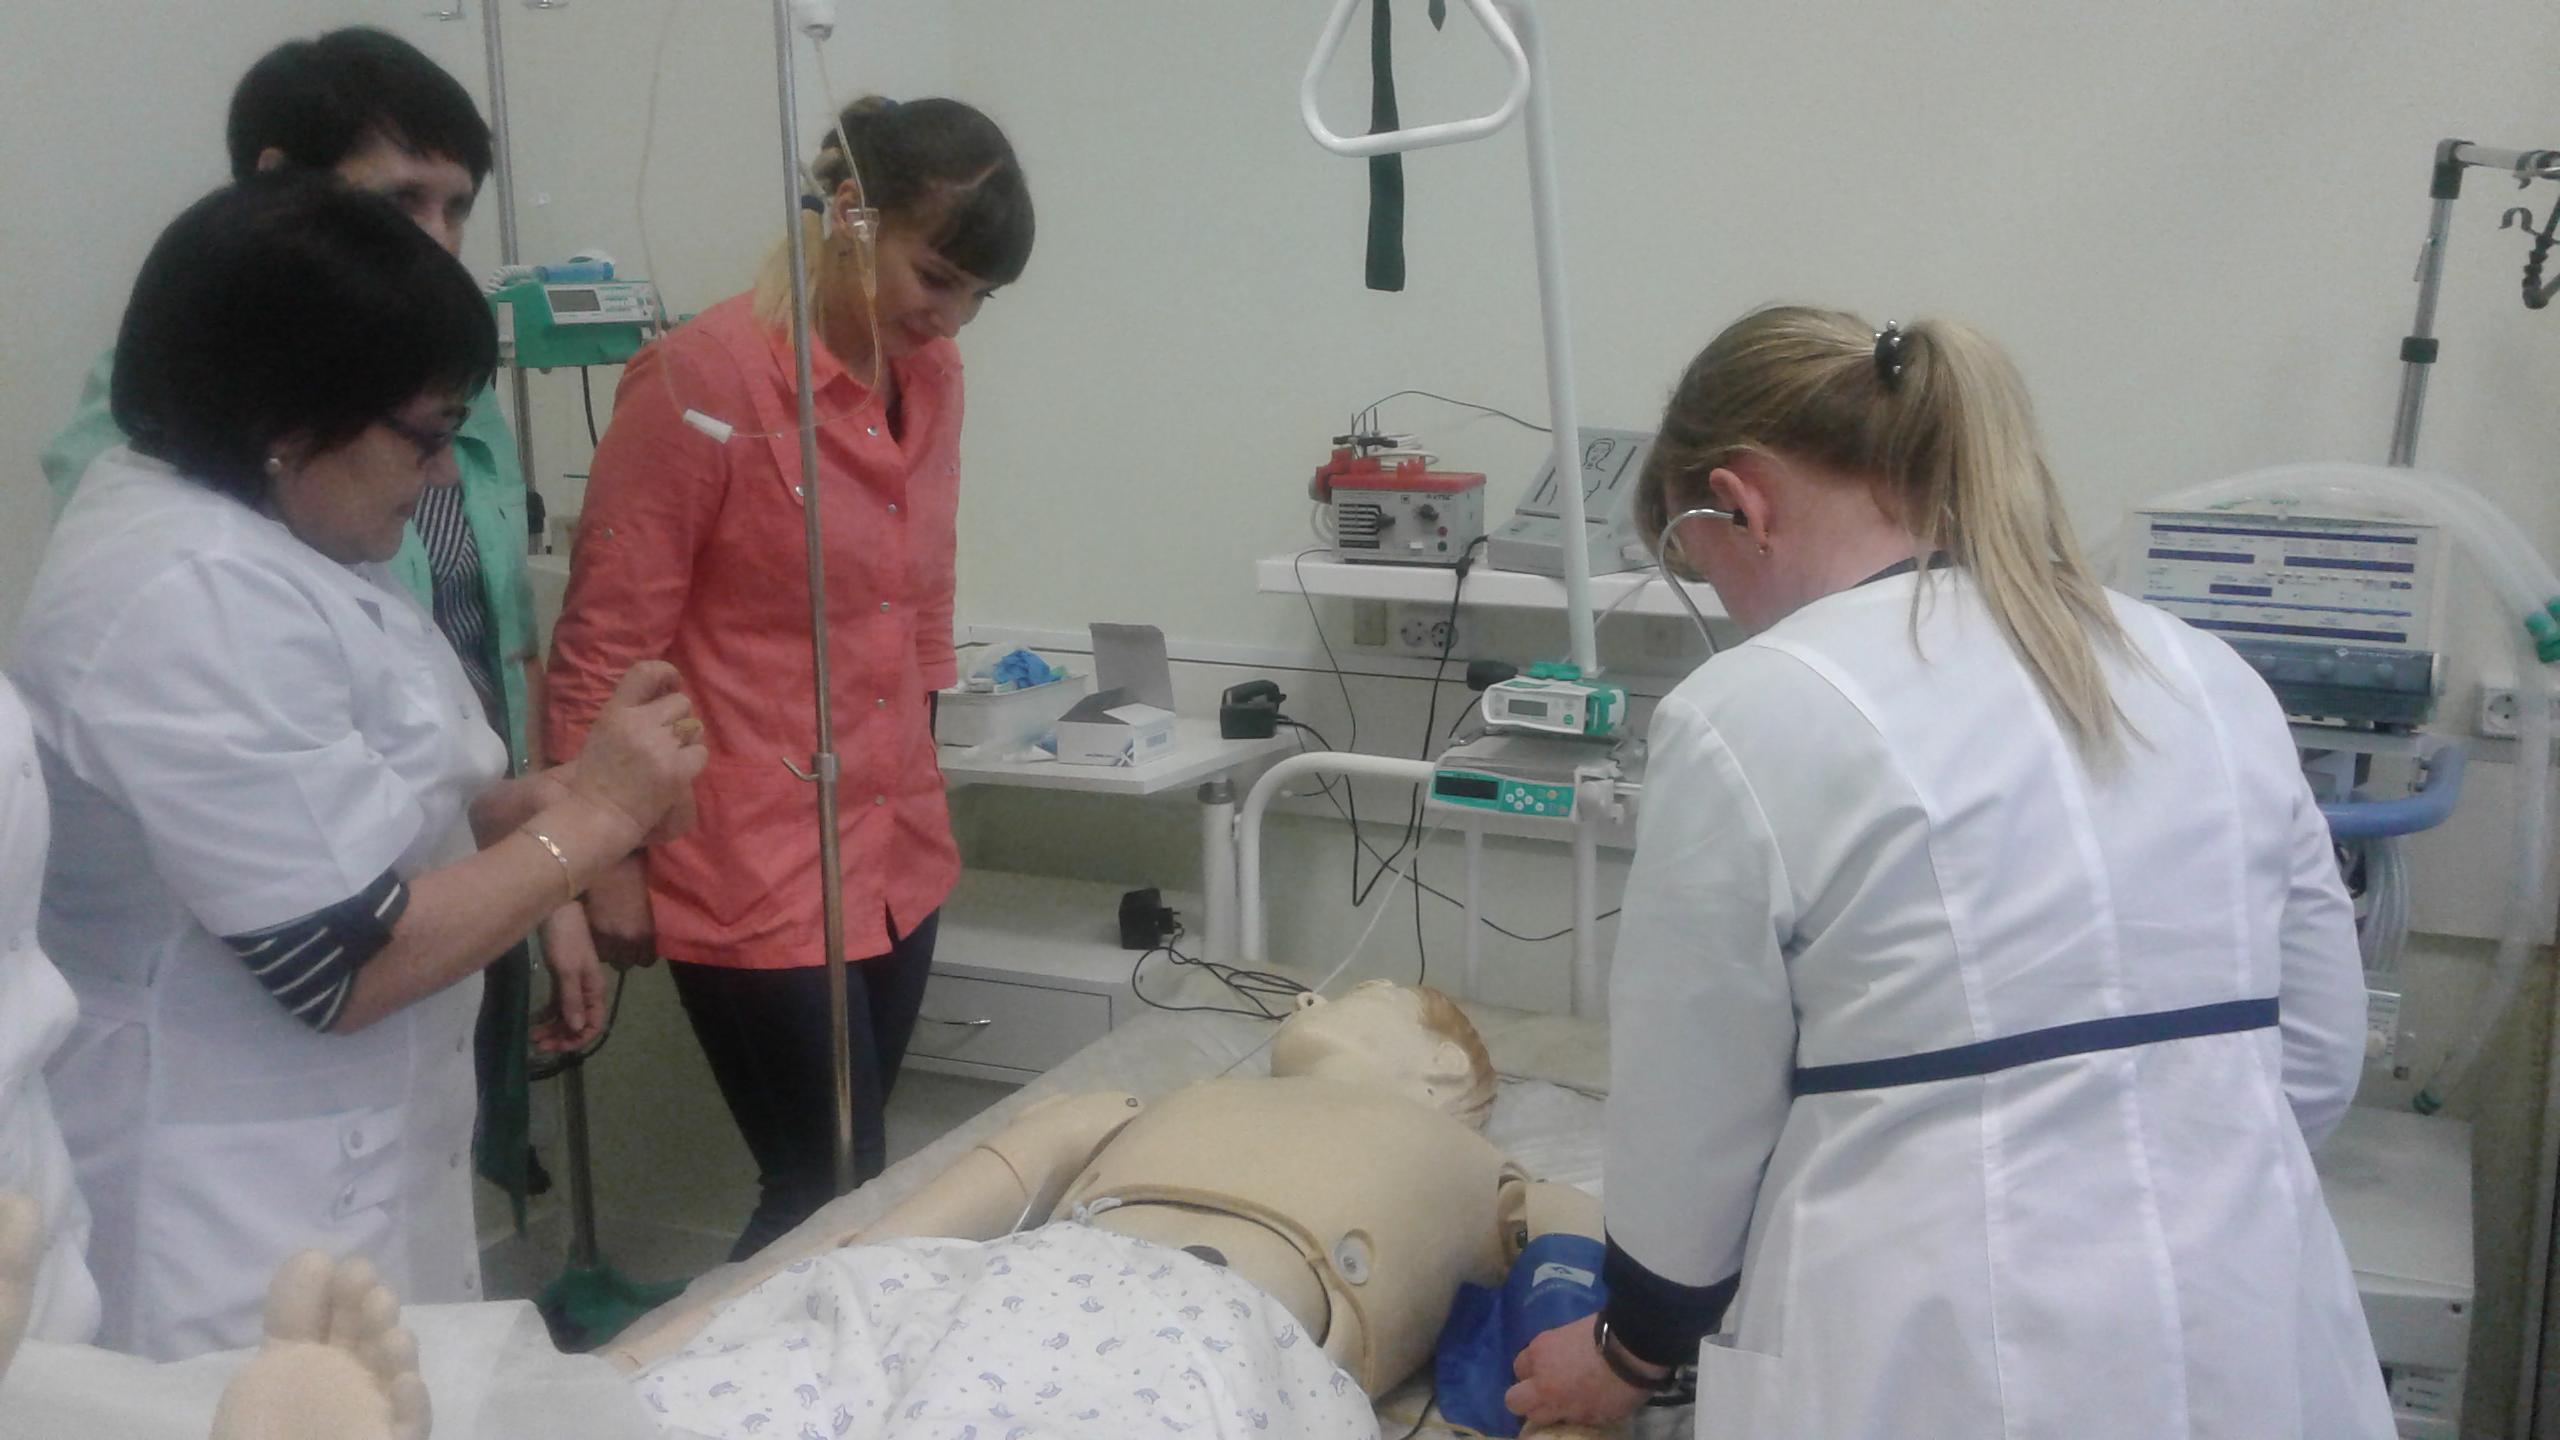 23 января 2020 года состоялся мастер-класс по теме «Неотложная помощь при анафилактическом шоке». Преподаватель Клементьев А.В. Обучено 5 специалистов.